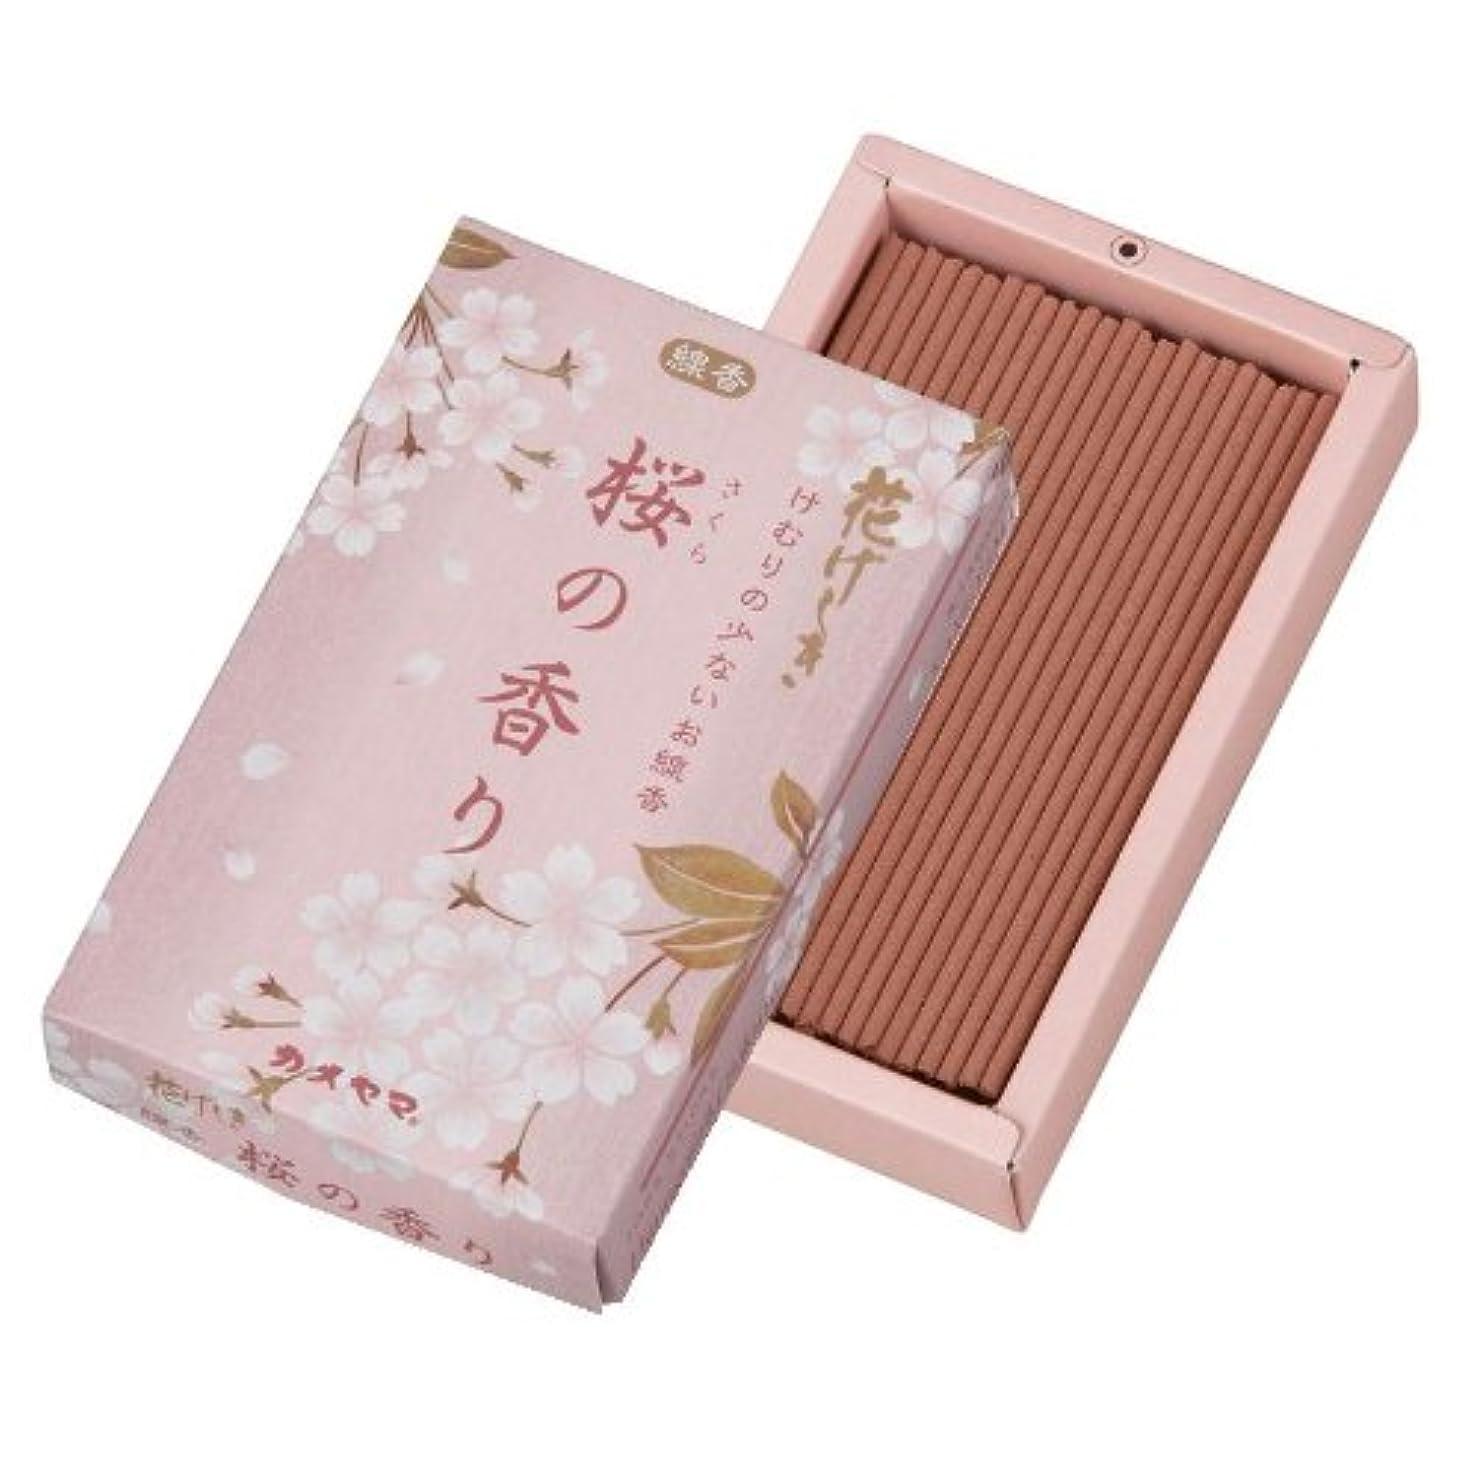 切るラビリンス厚い花げしき 桜の香りミニ寸 50g